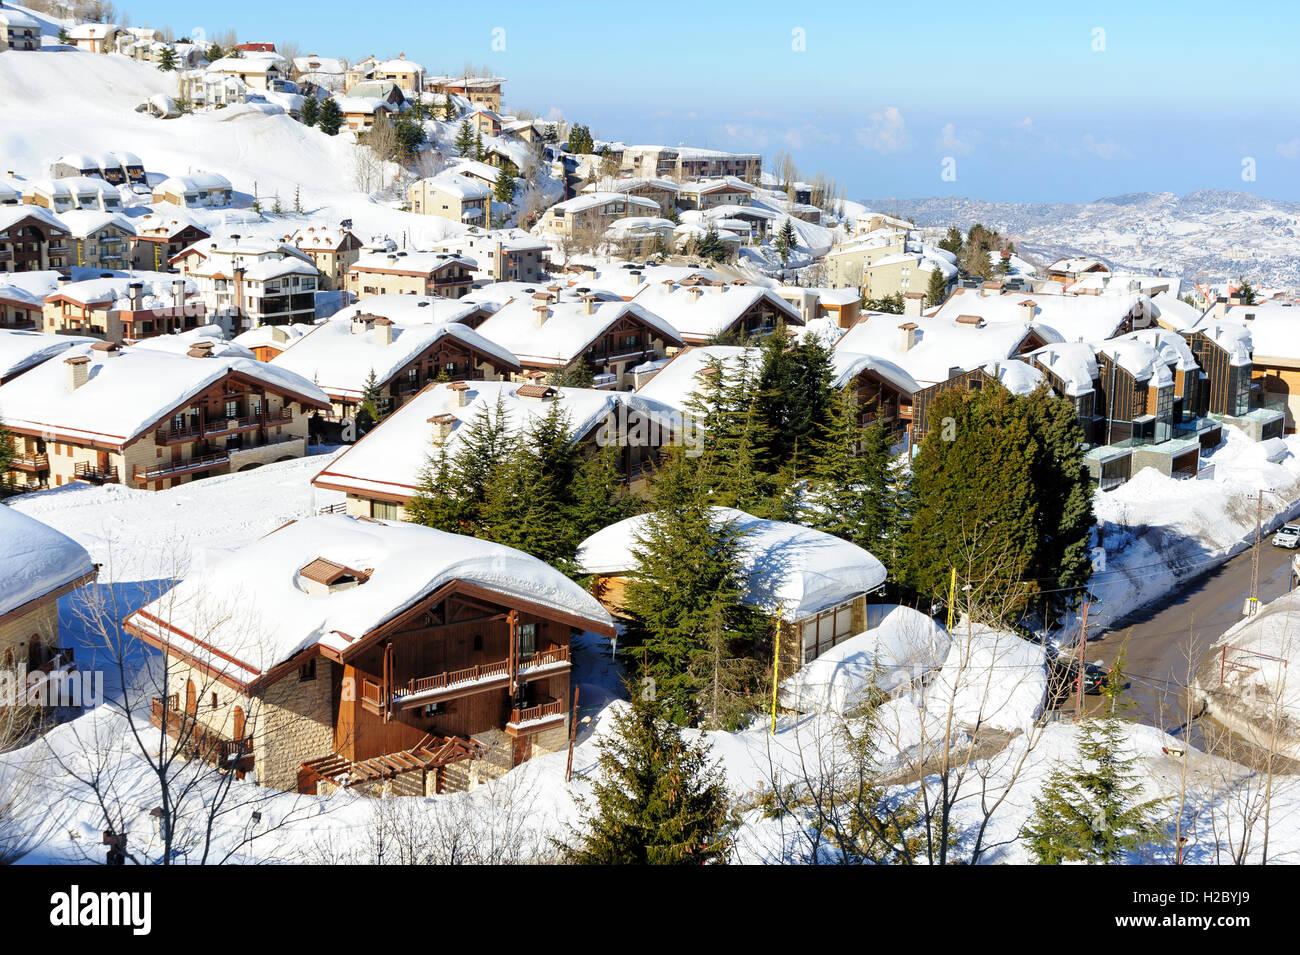 Mzaar Kfardebian ski au Liban au cours de l'hiver, couverte de neige. Il est aussi appelé Faraya. Photo Stock